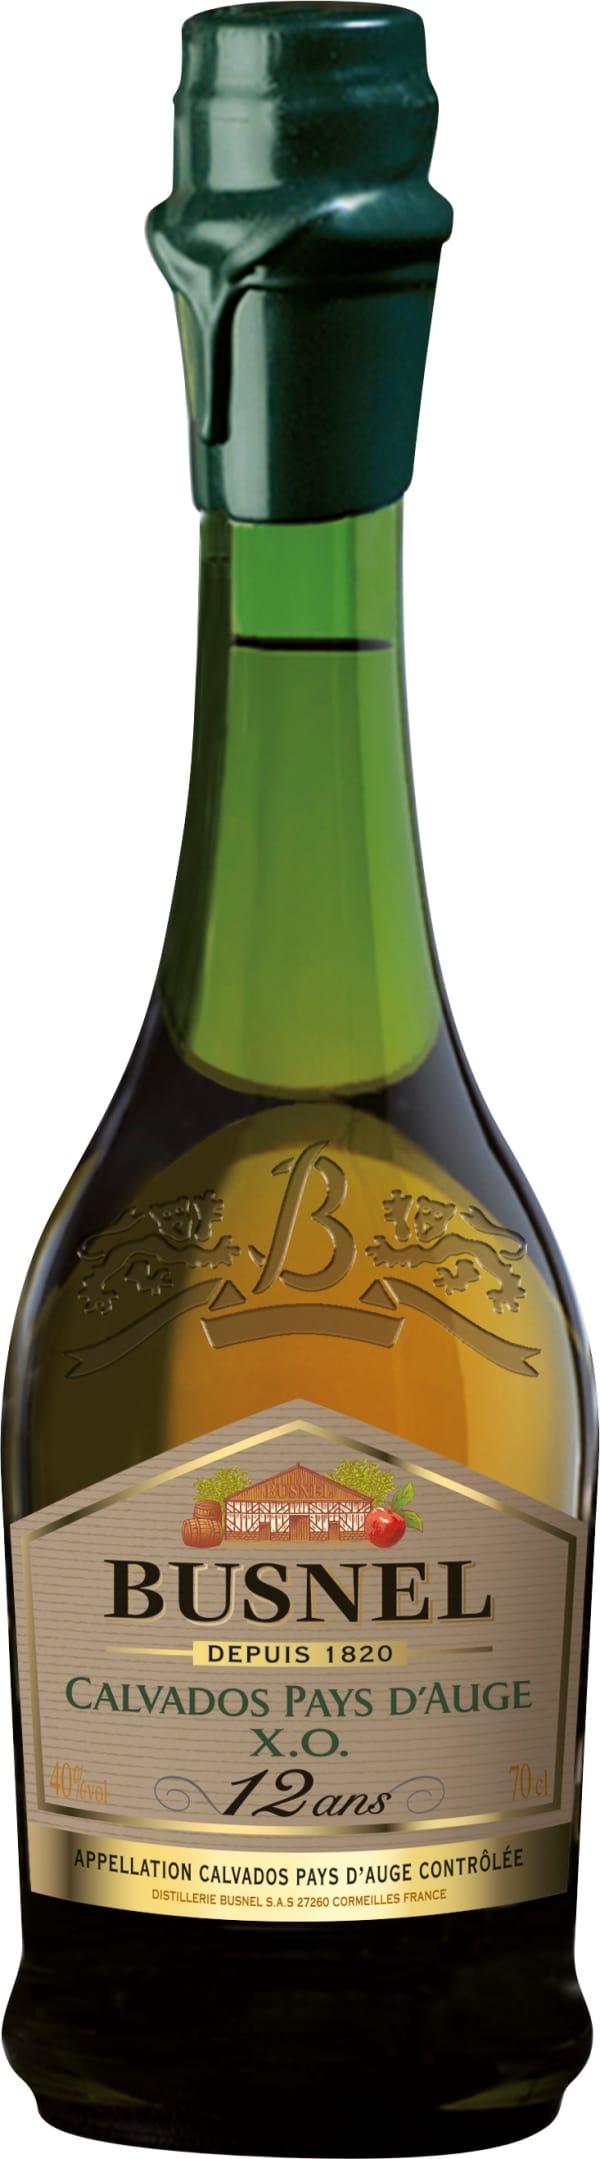 Busnel Pays d'Auge 12 ans Calvados